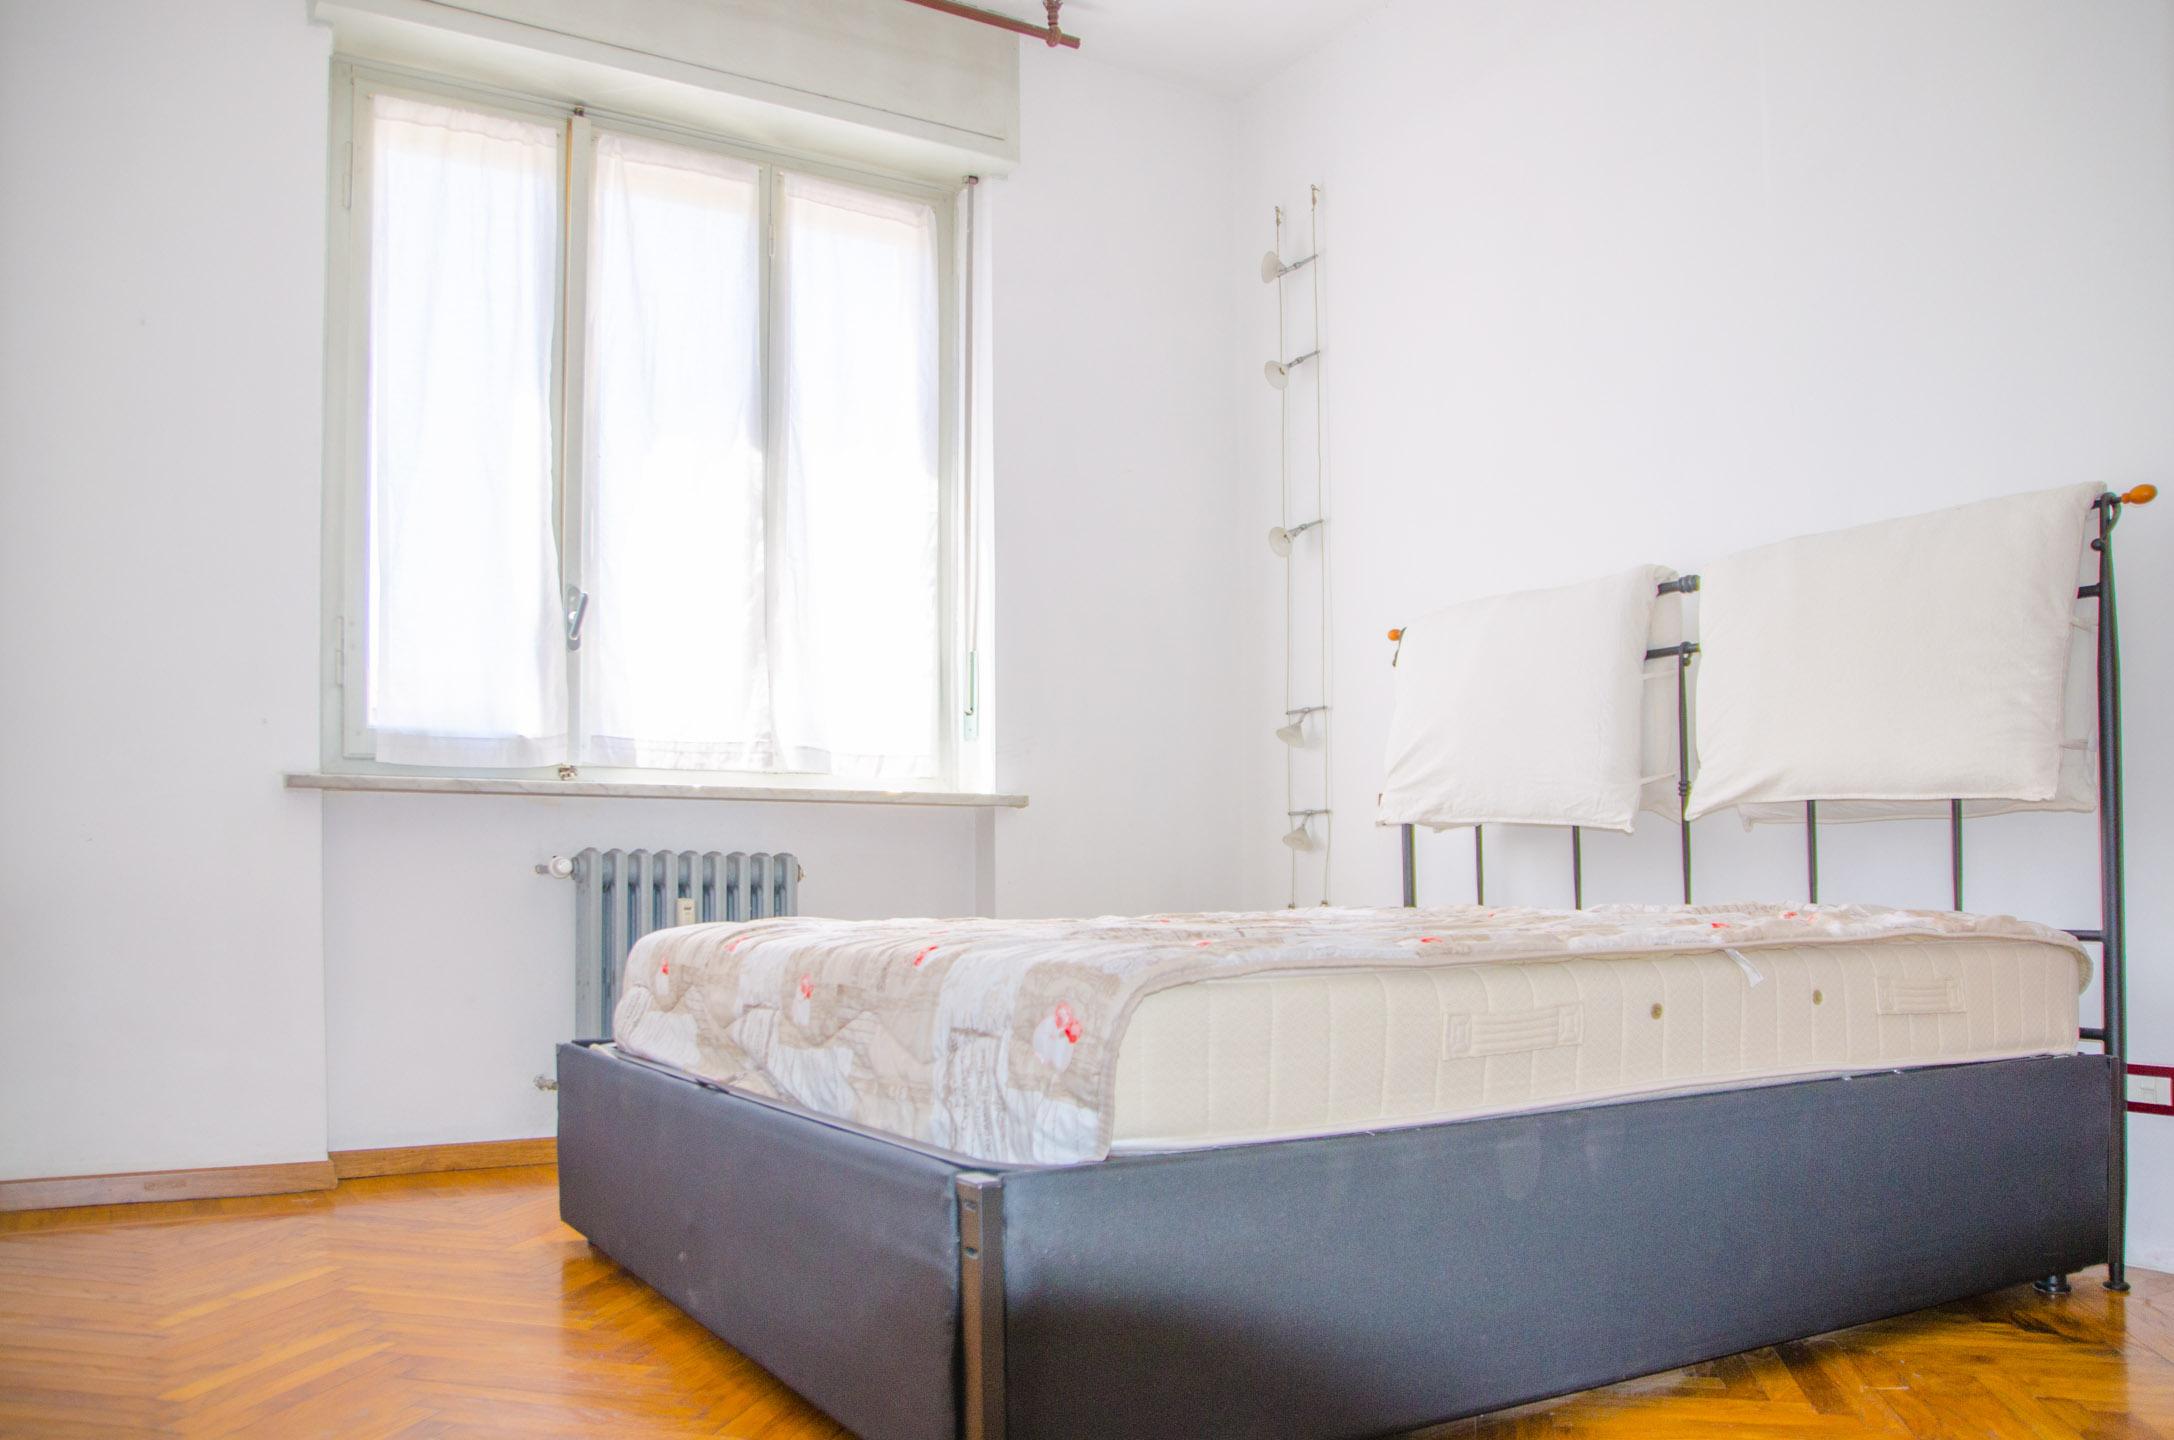 Camera da letto foto 3 in vendita via brandizzo 51 torino for Camera letto usata torino